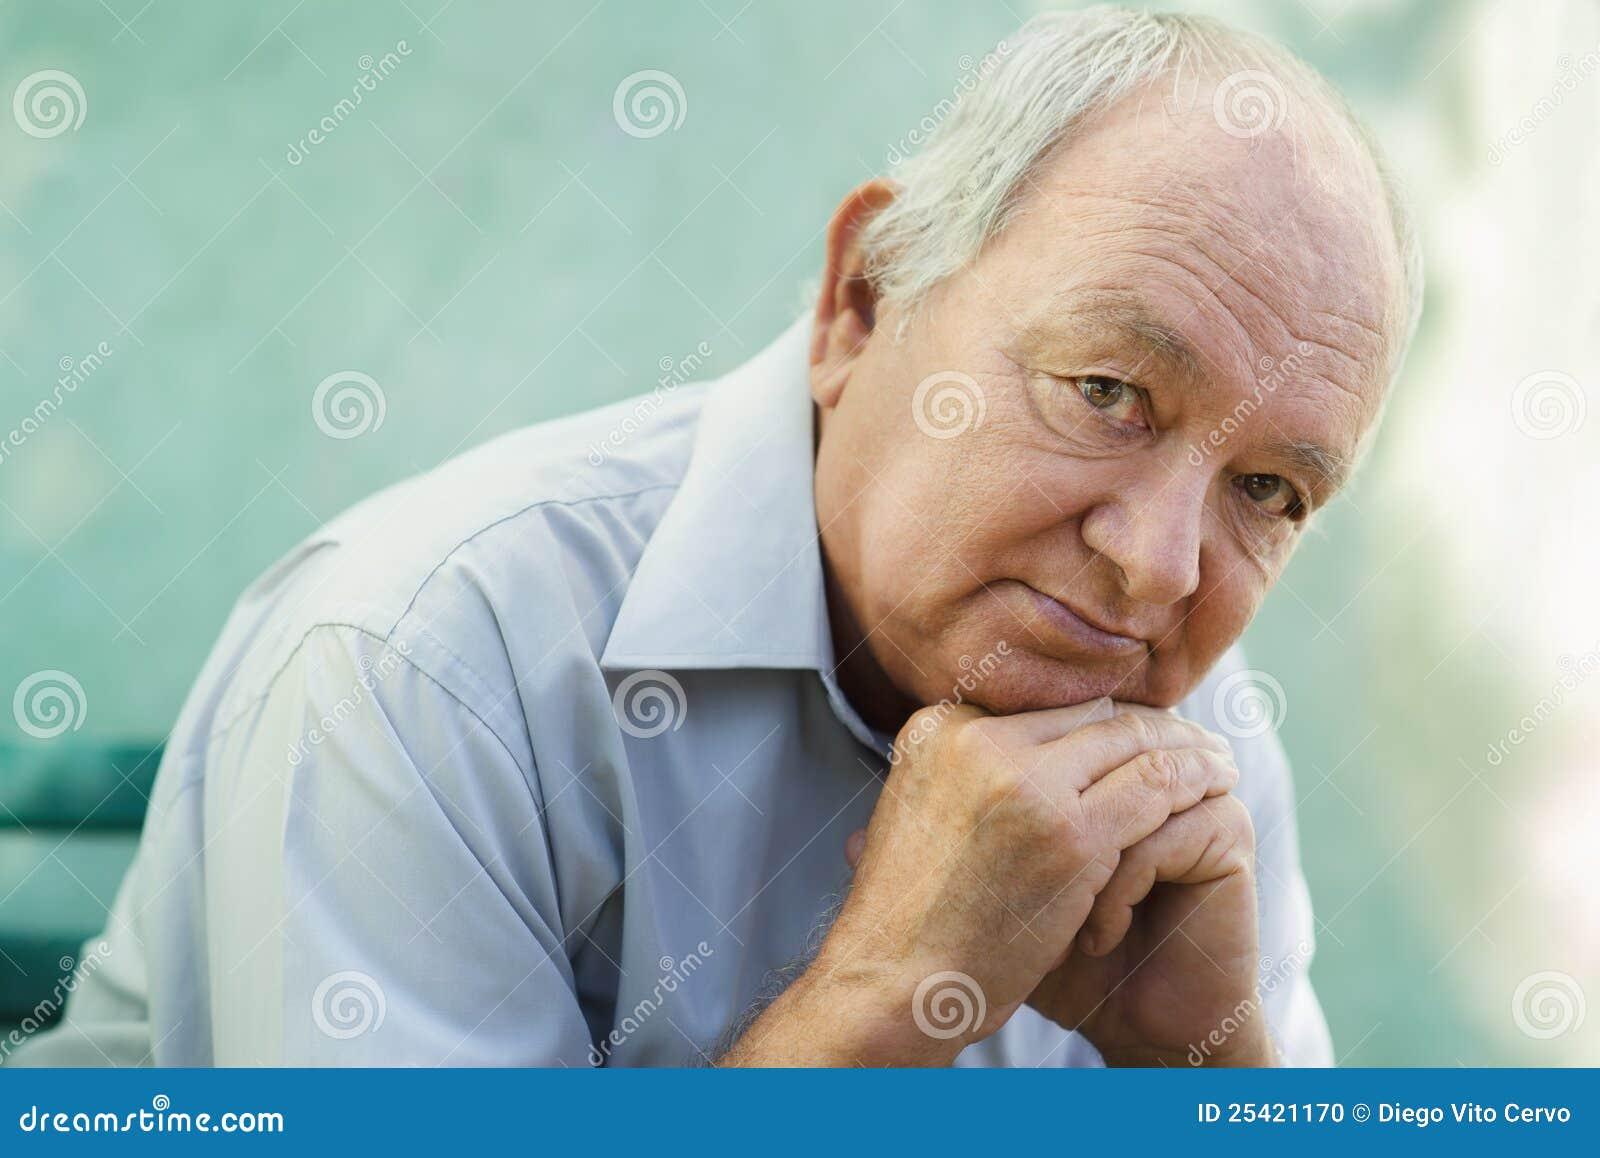 Portret smutny łysy starszy mężczyzna target691_0_ przy kamerę